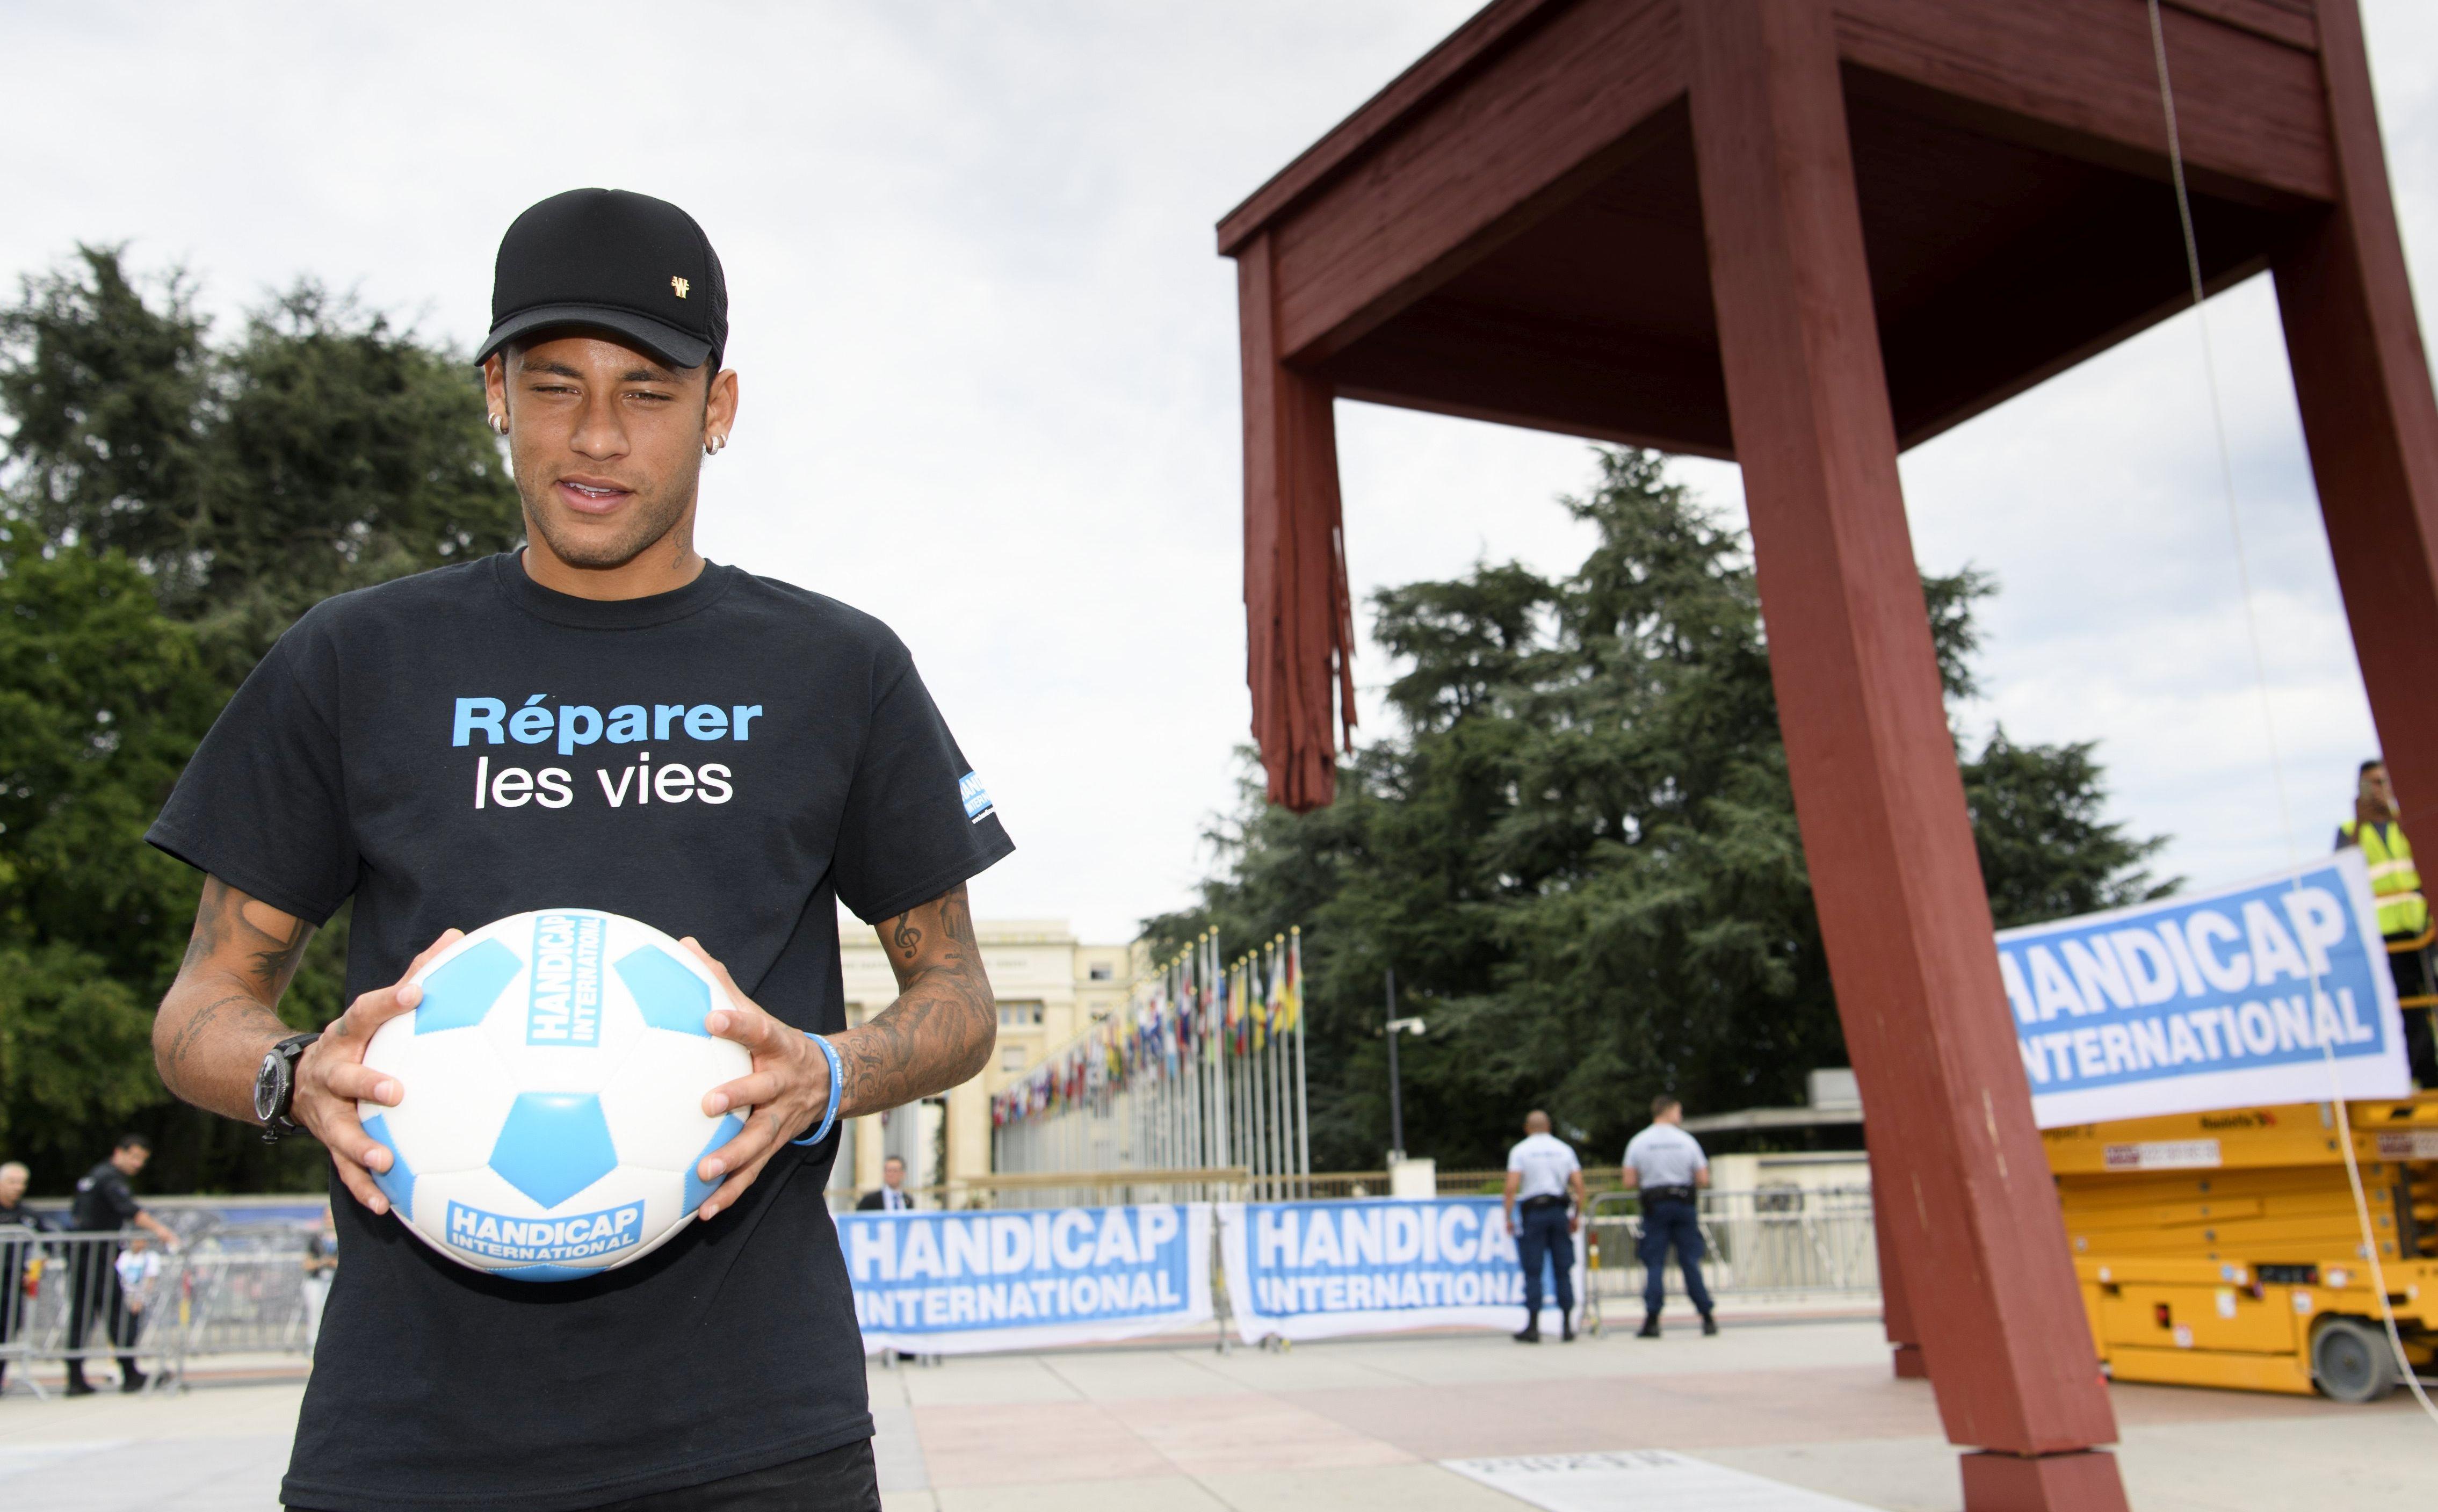 Neymar postao UN-ov ambasador za žrtve mina